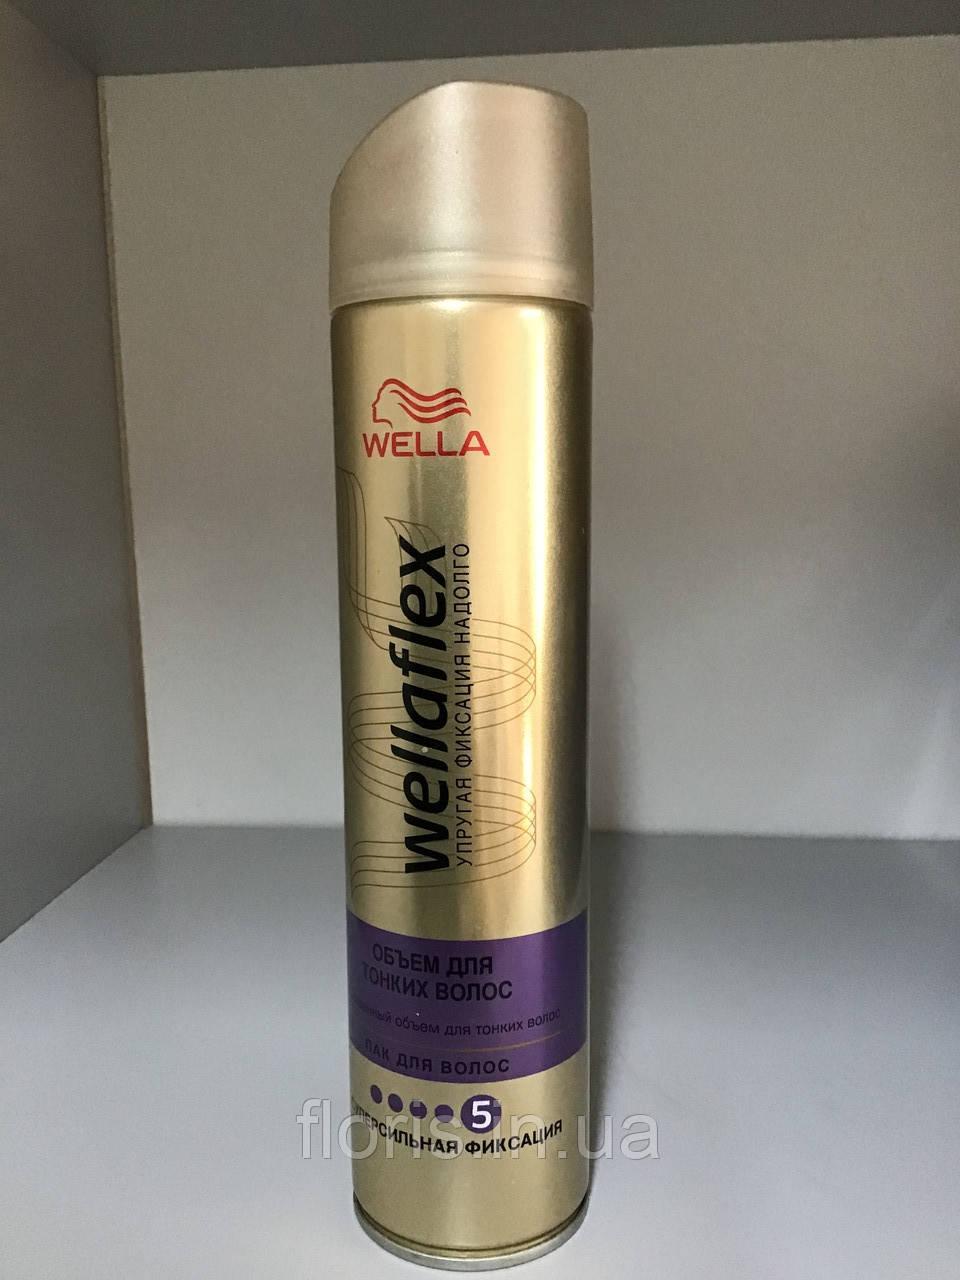 Лак для волосся Wellaflex супер сильної фіксації Об'єм для тонкого волосся, 250 мл